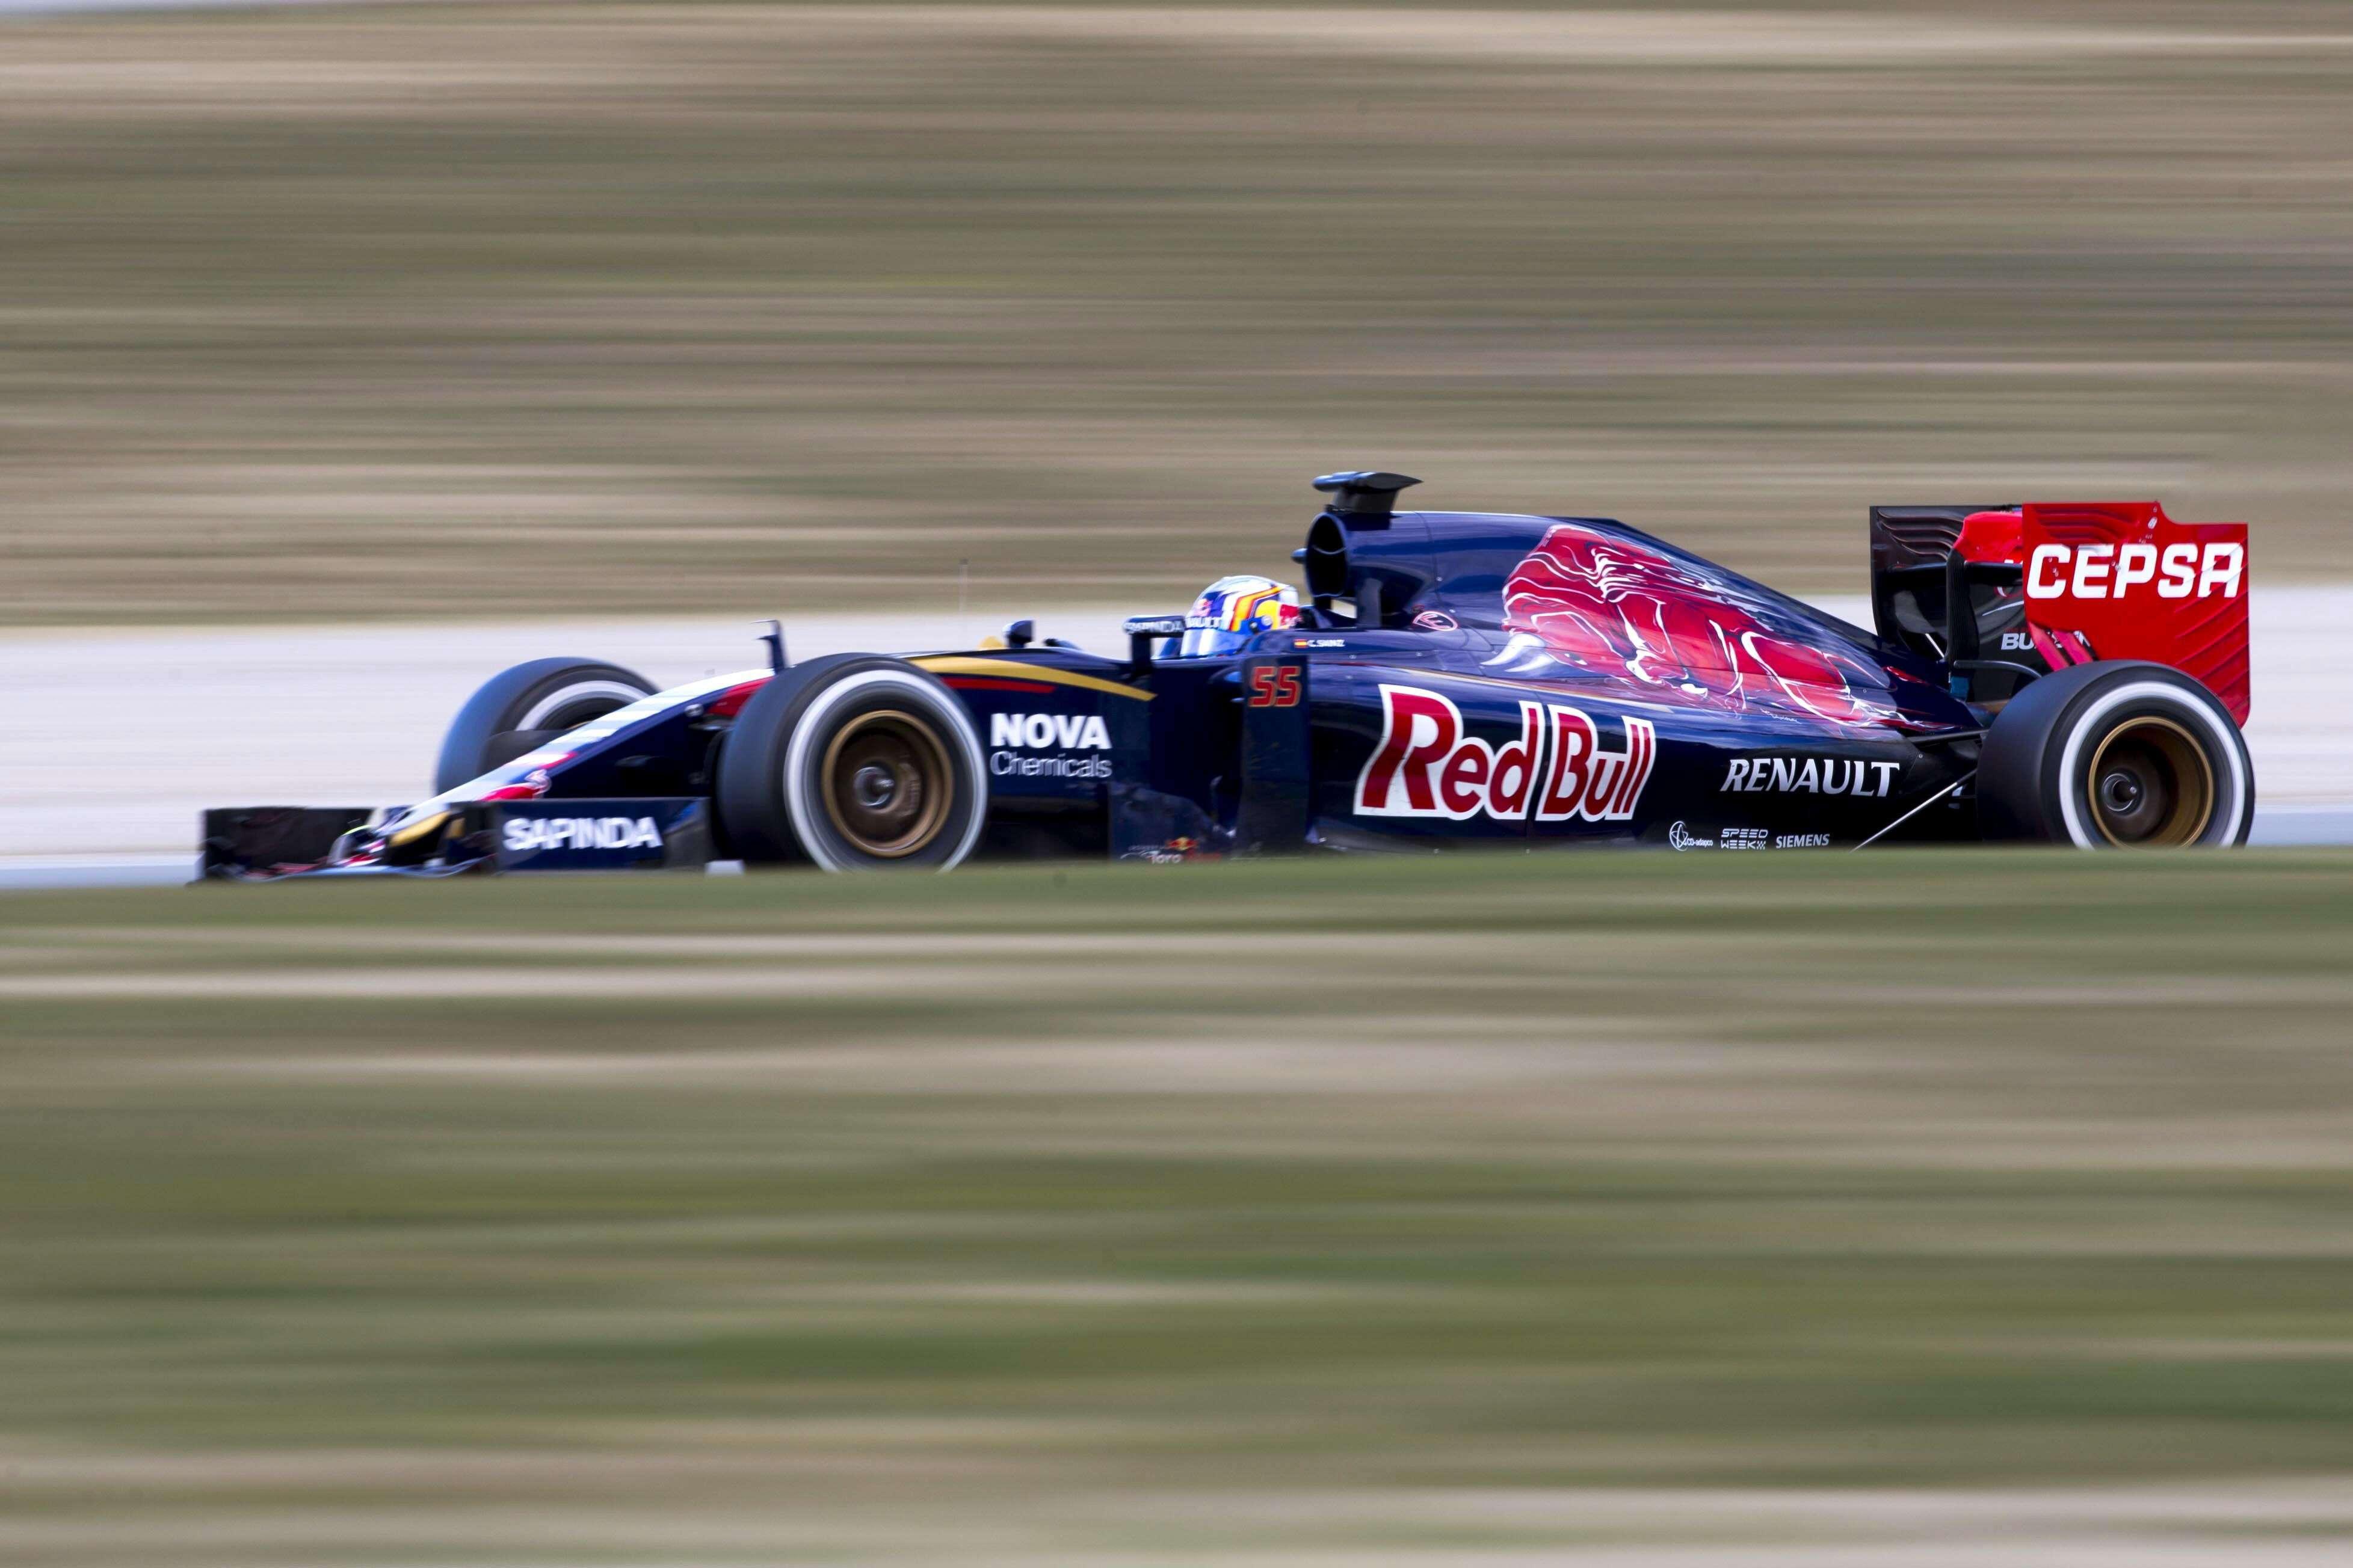 El piloto Español de Toro Rosso Carlos Sainz, durante la sesión de entrenamientos de Fórmula Uno que se ha celebrado hoy en el circuito de Cataluña. Foto: EFE en español